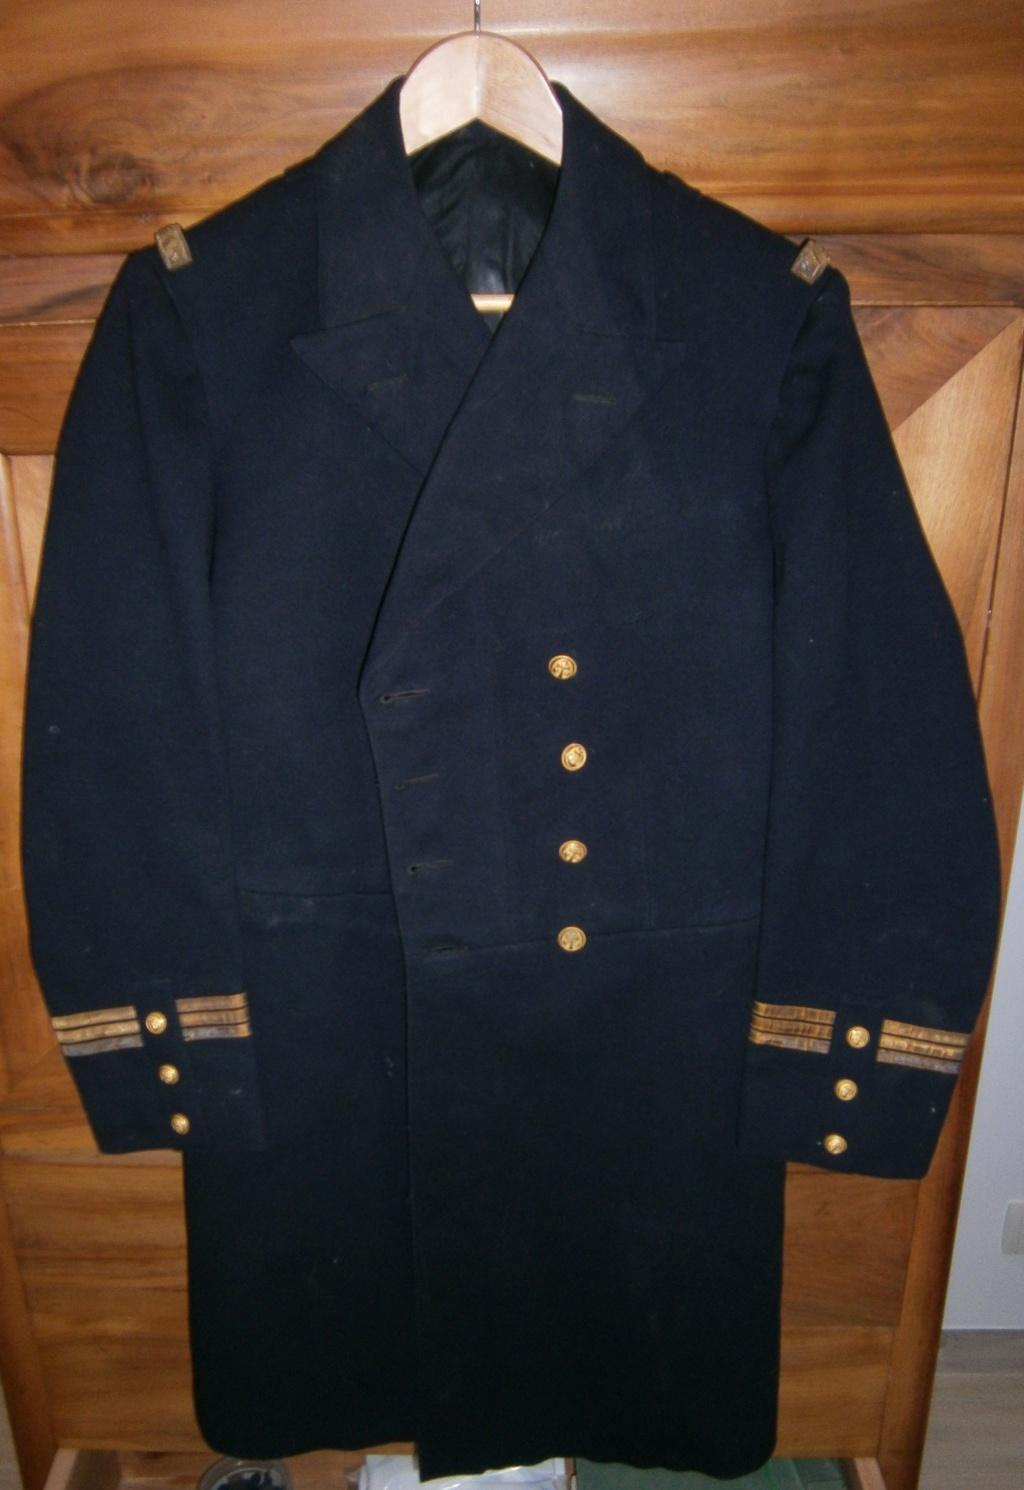 demande de renseignements concernant une rentrée d'uniforme de la marine Pc110017